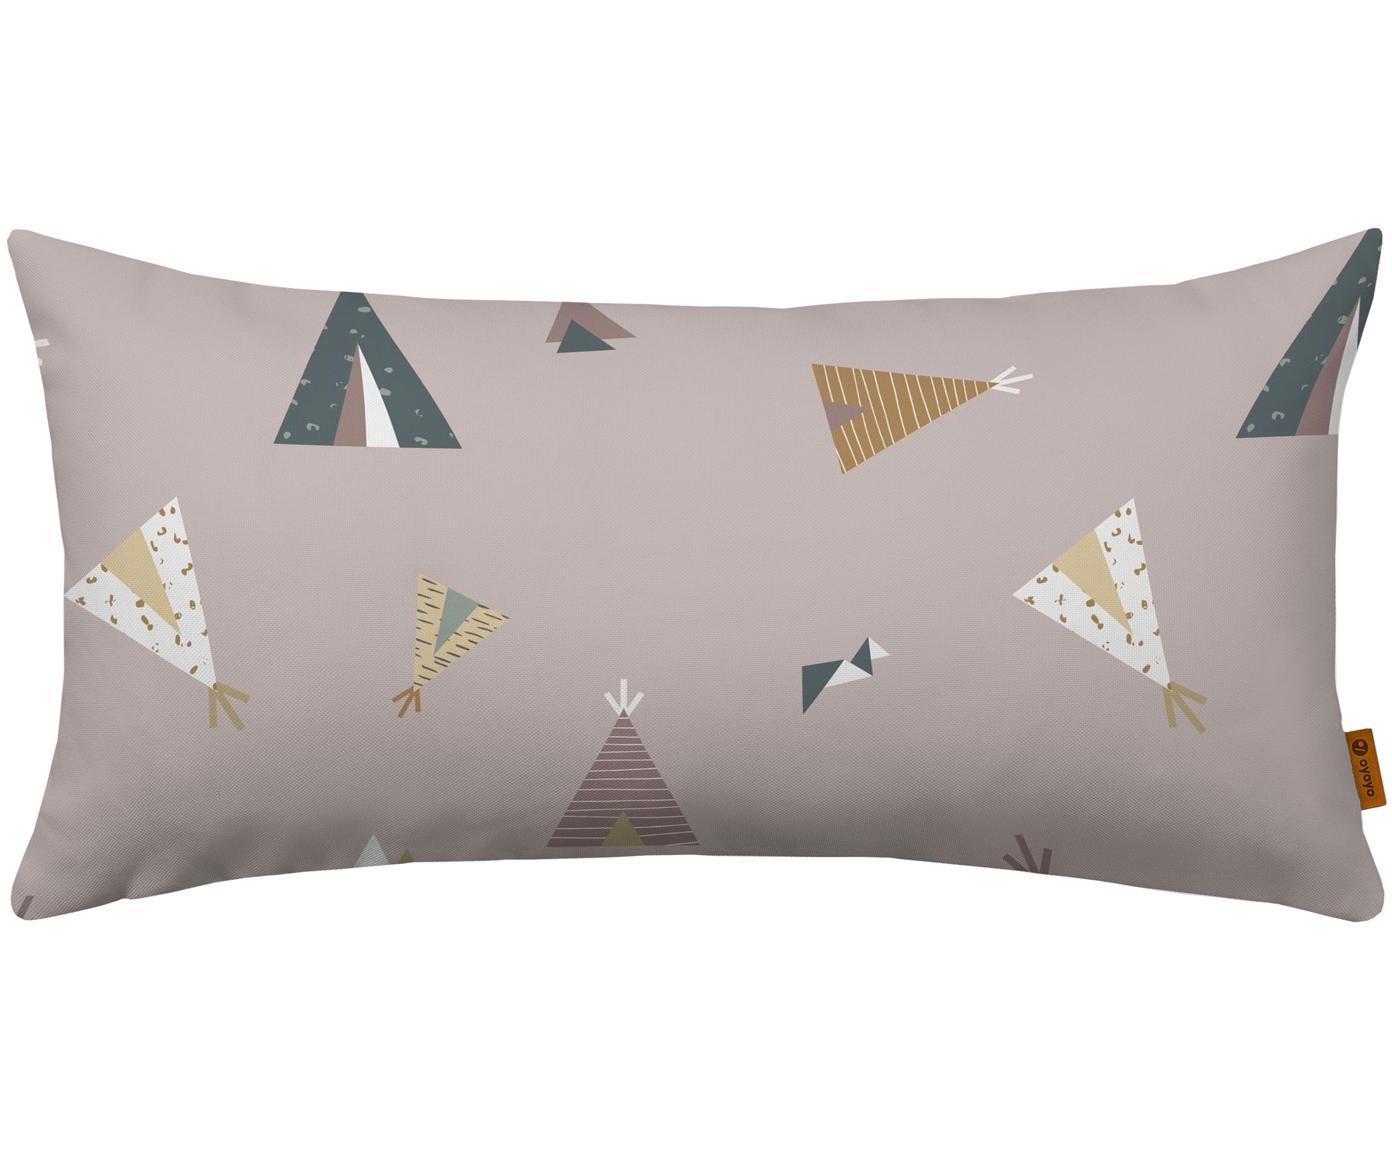 Cuscino in cotone imbottito Teepee, Rivestimento: cotone, Rosa, multicolore, Larg. 30 x Lung. 60 cm